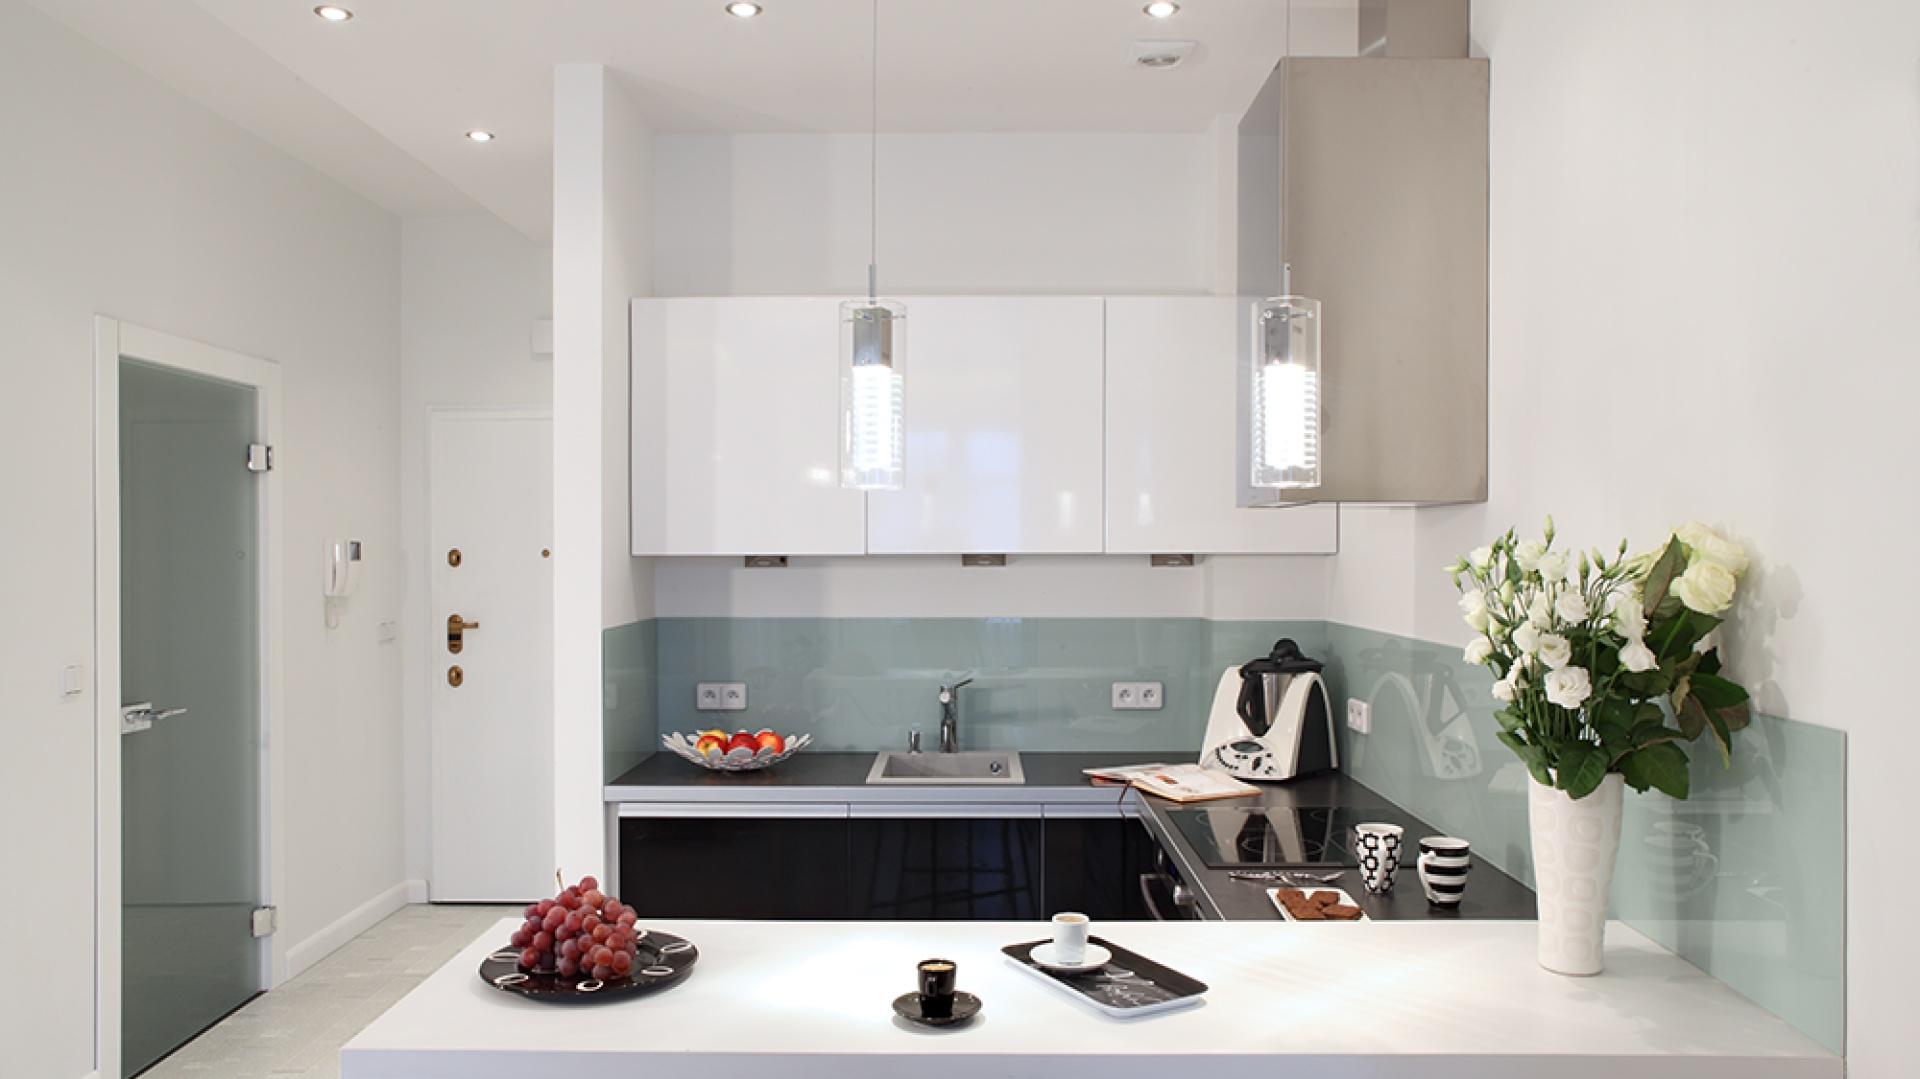 Czerń i biel zabudowy kuchennej doskonale ze sobą współgrają. W ten zgrany duet wpisują się zarówno metaliczne dodatki, jak i szklane tafle nad blatem roboczym. Fot. Monika Filipiuk-Obałek.